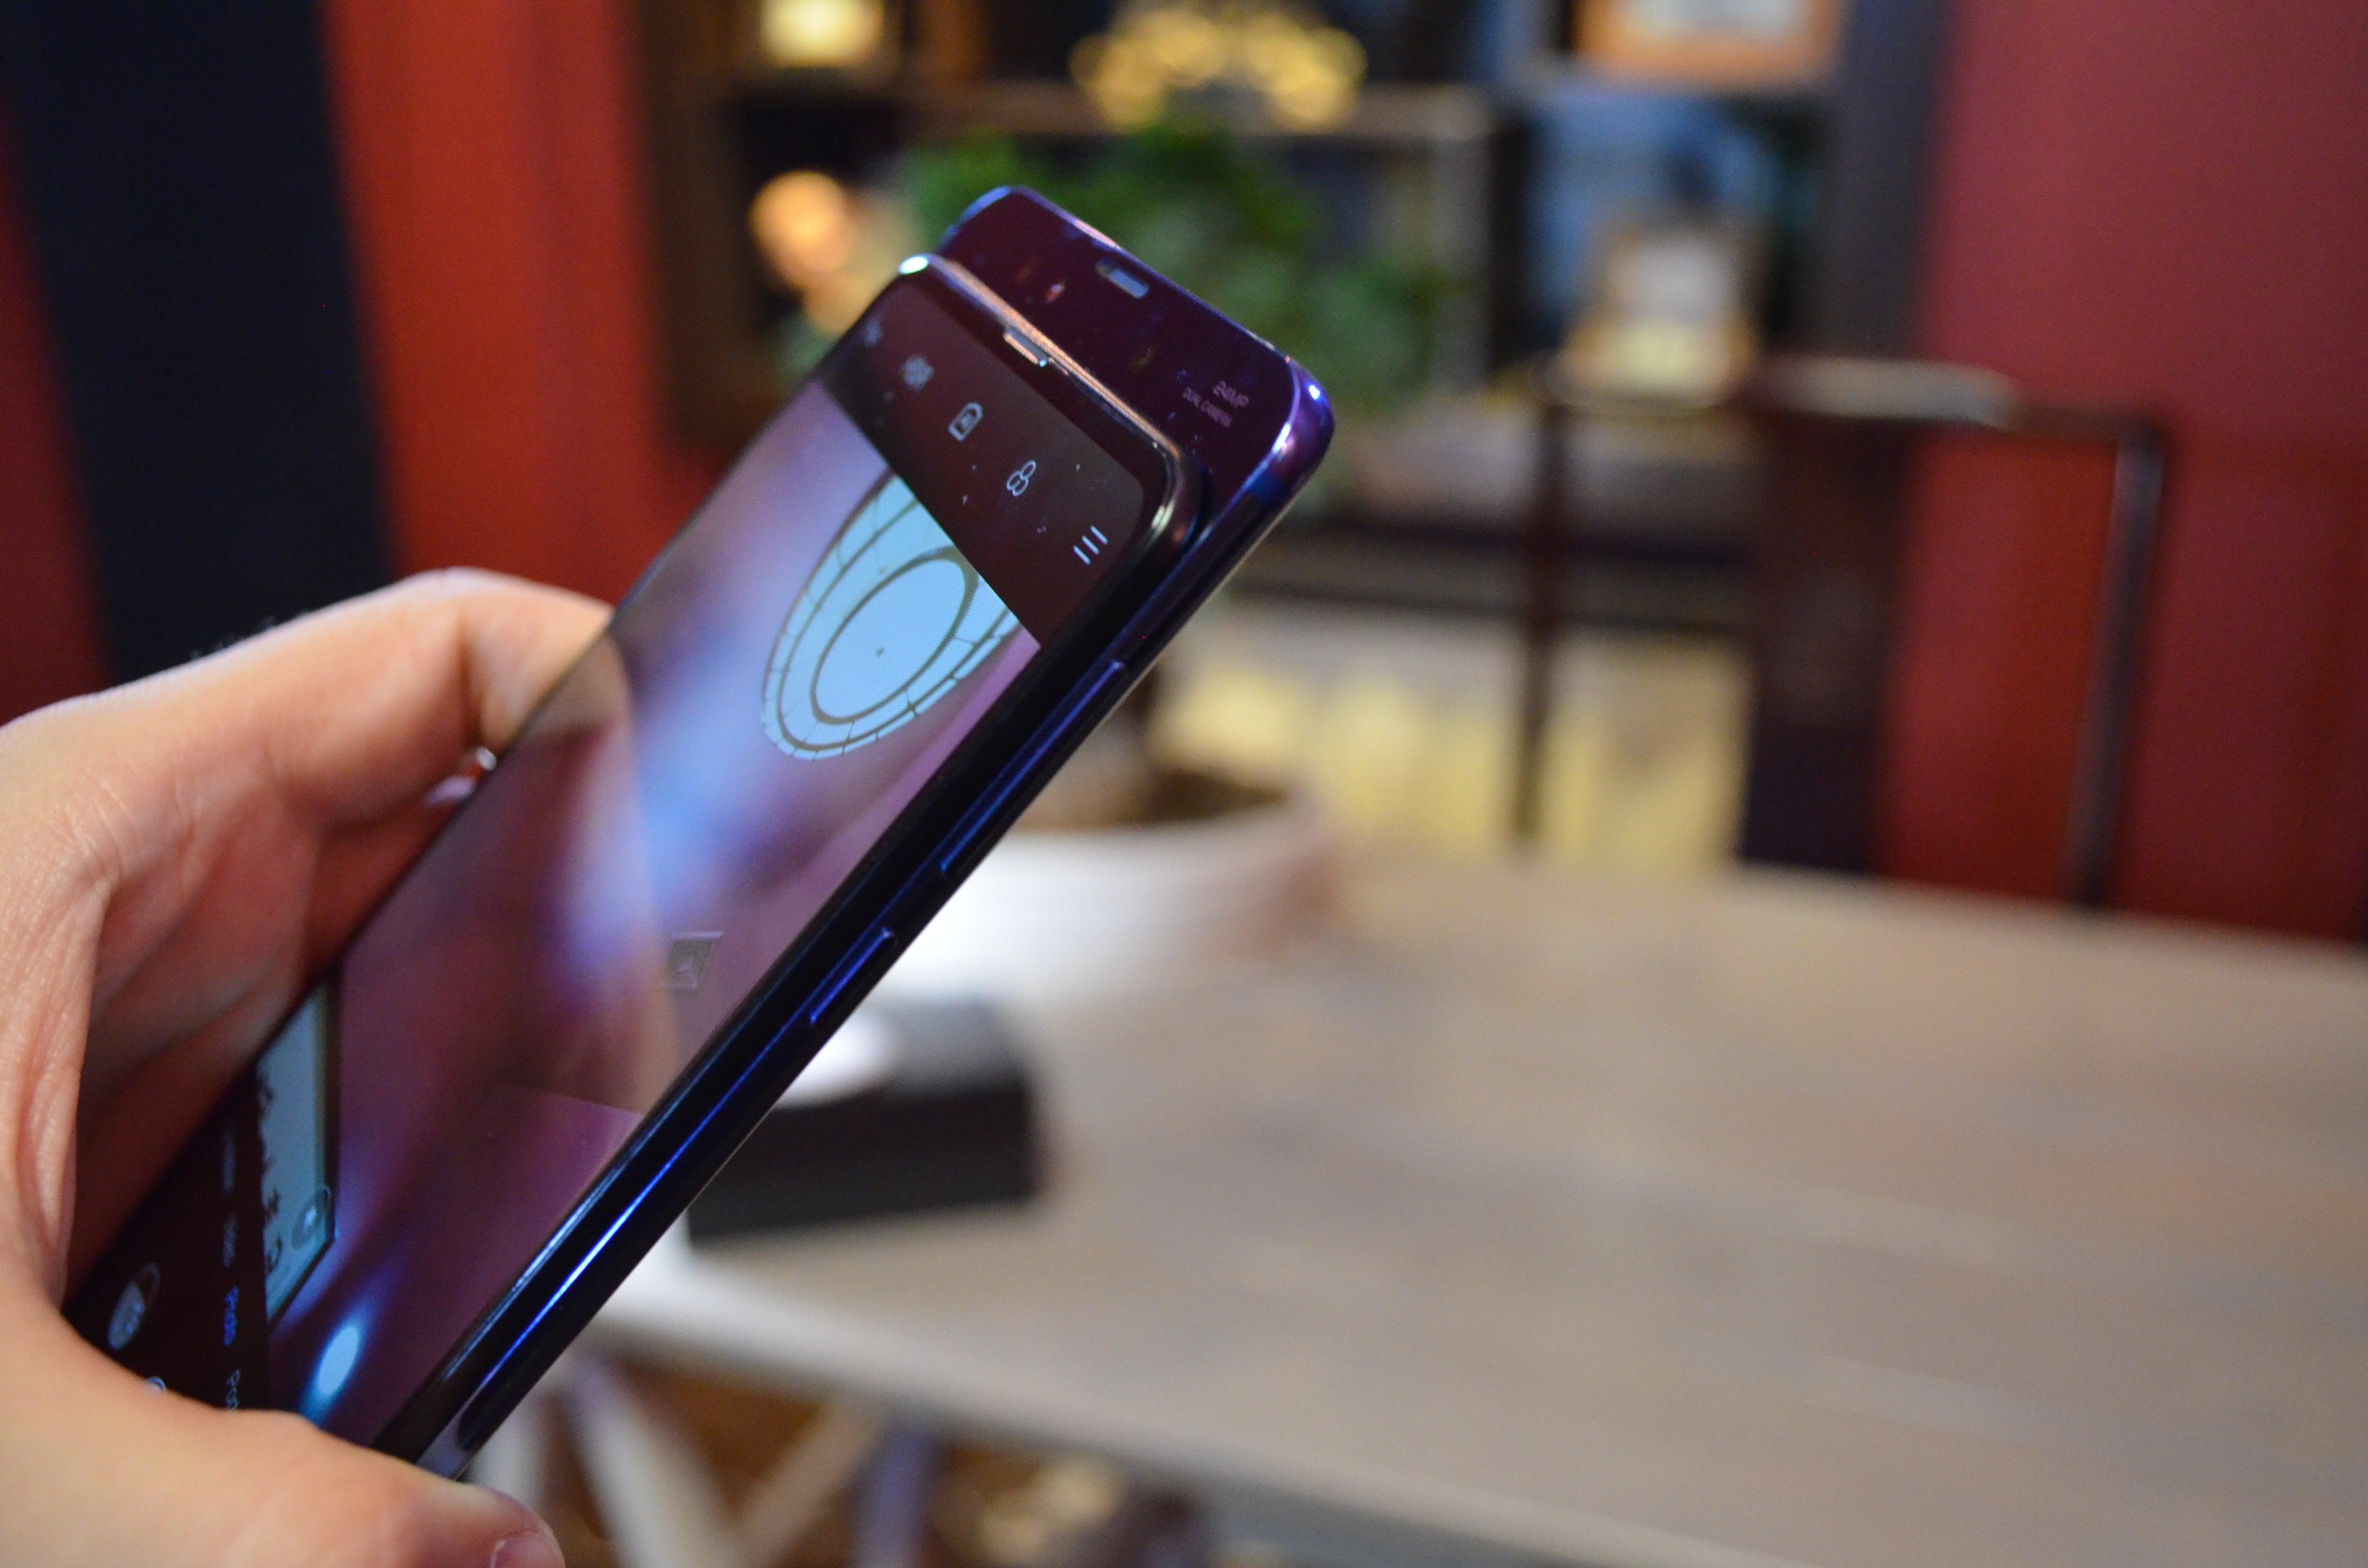 Mieliśmy w rękach Xiaomi Mi MIX 3 - robi bardzo pozytywne pierwsze wrażenie 20